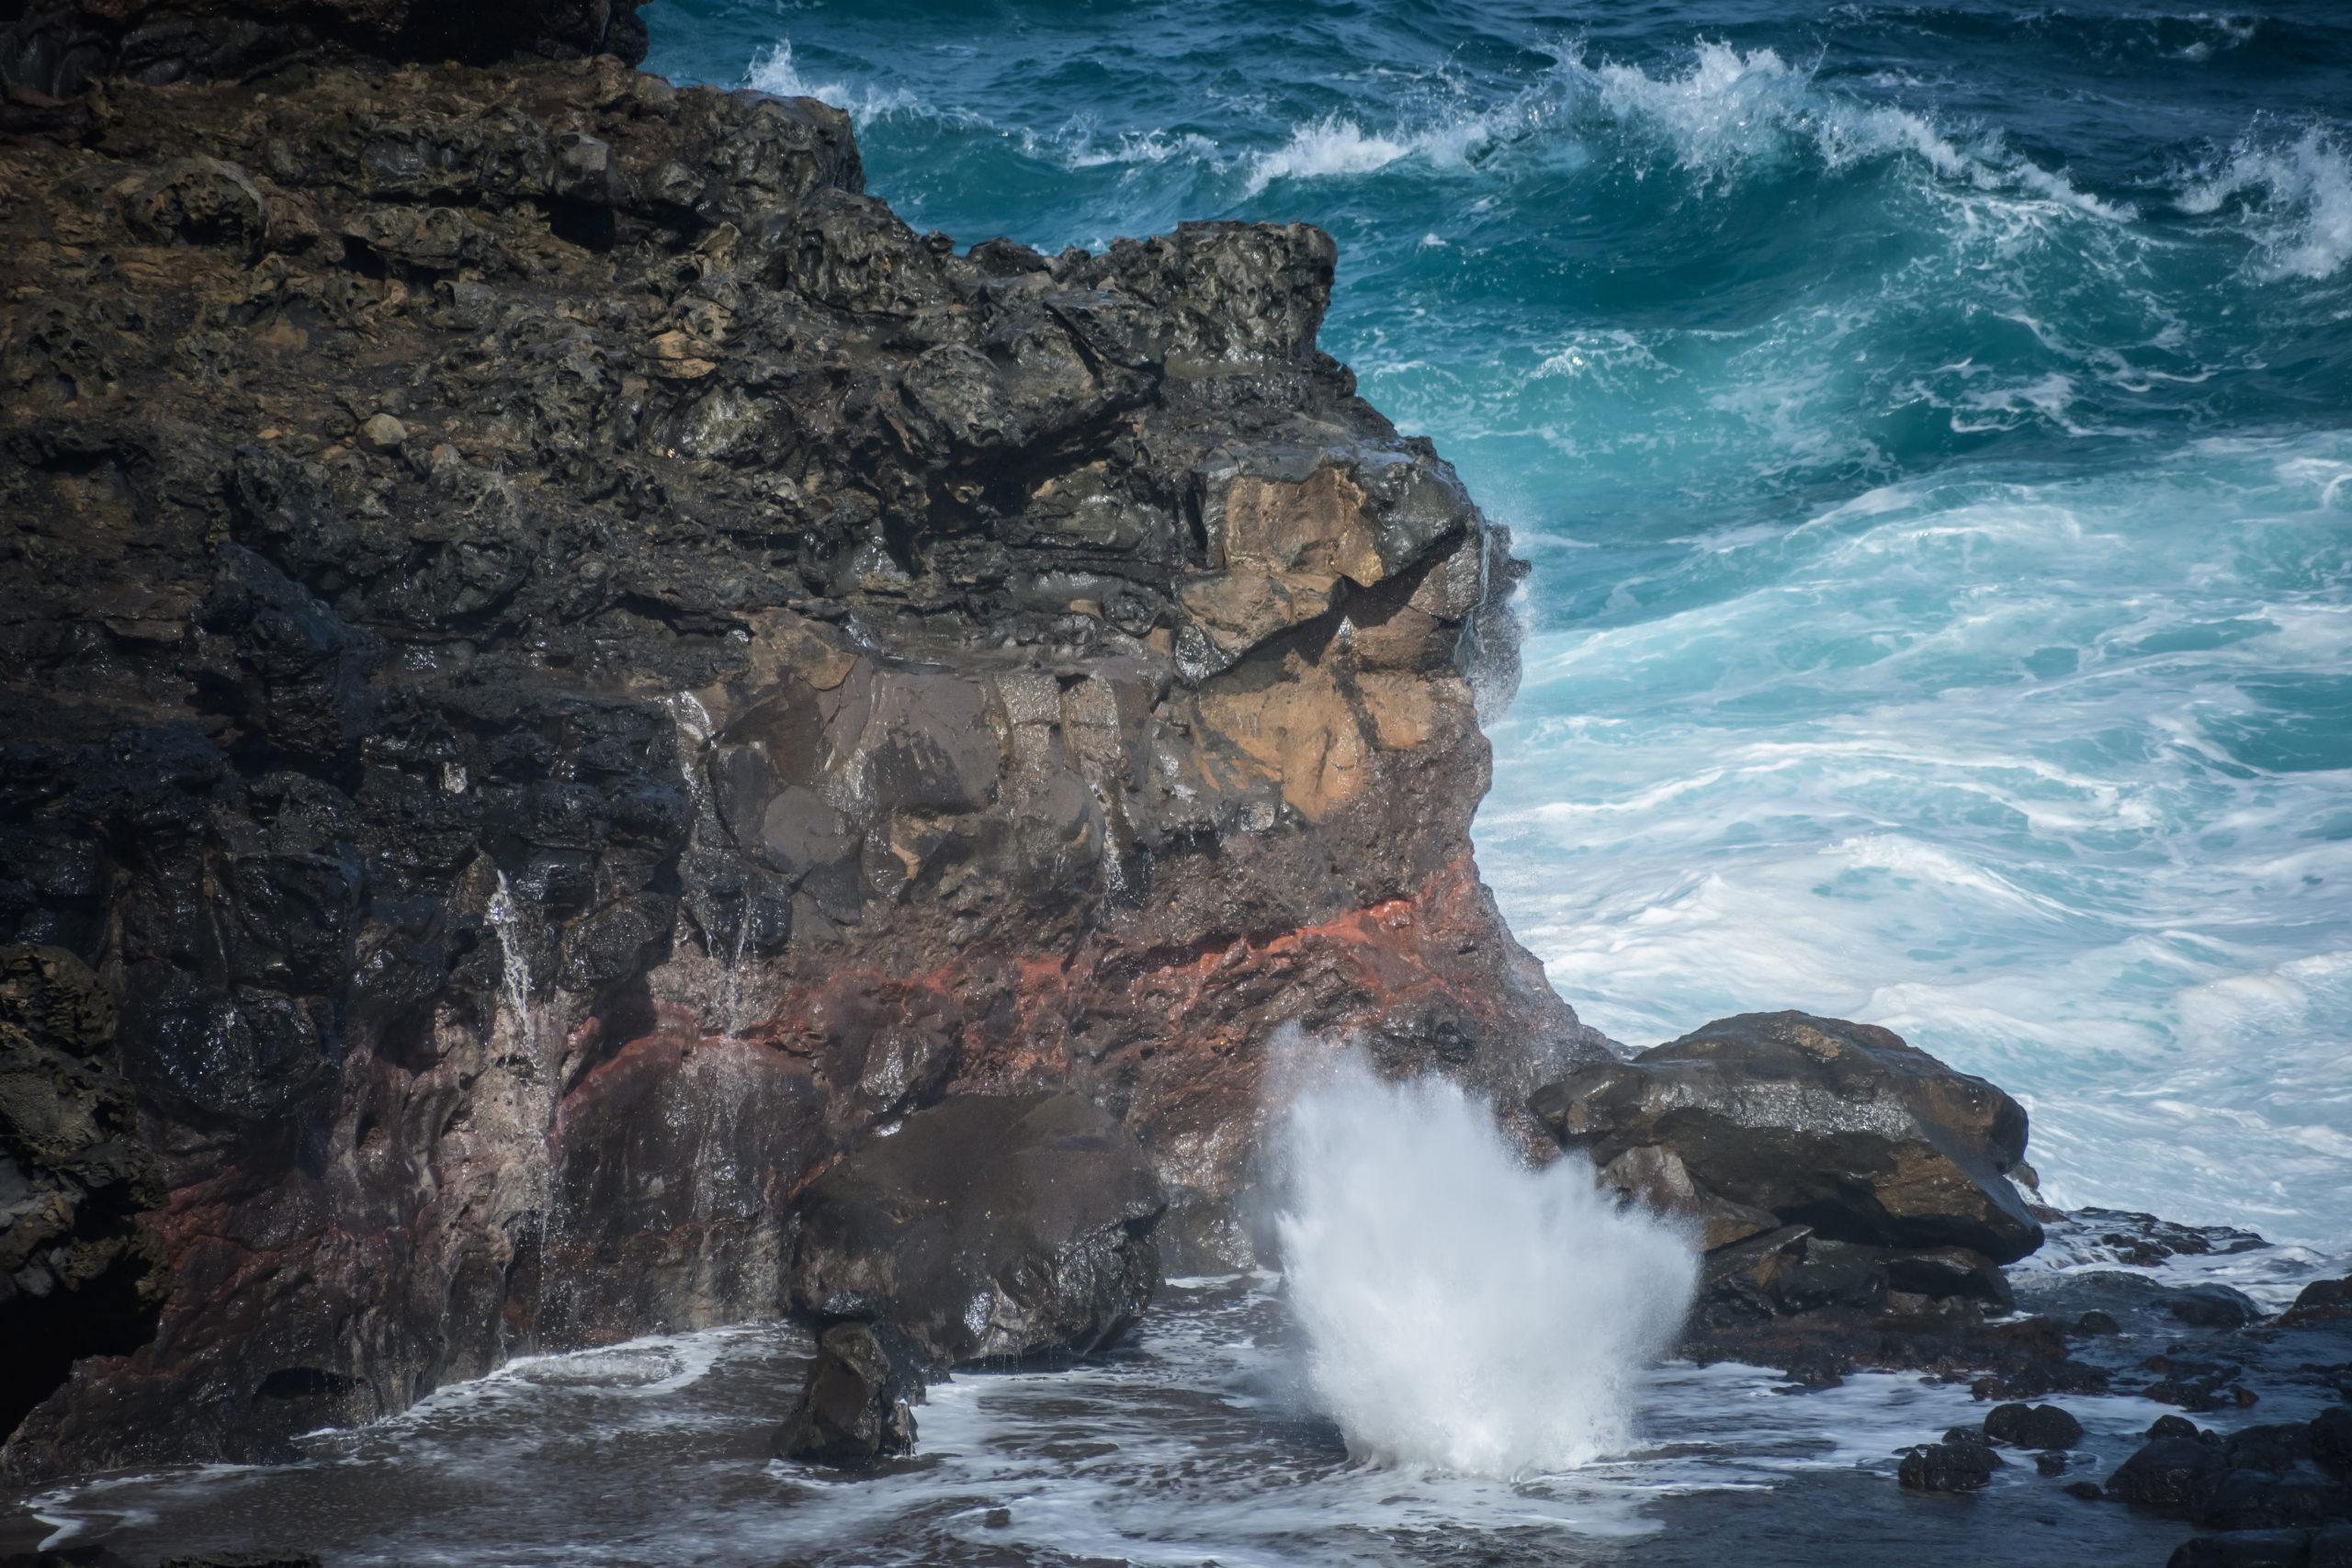 Heart Shaped Rock, by John Monarch